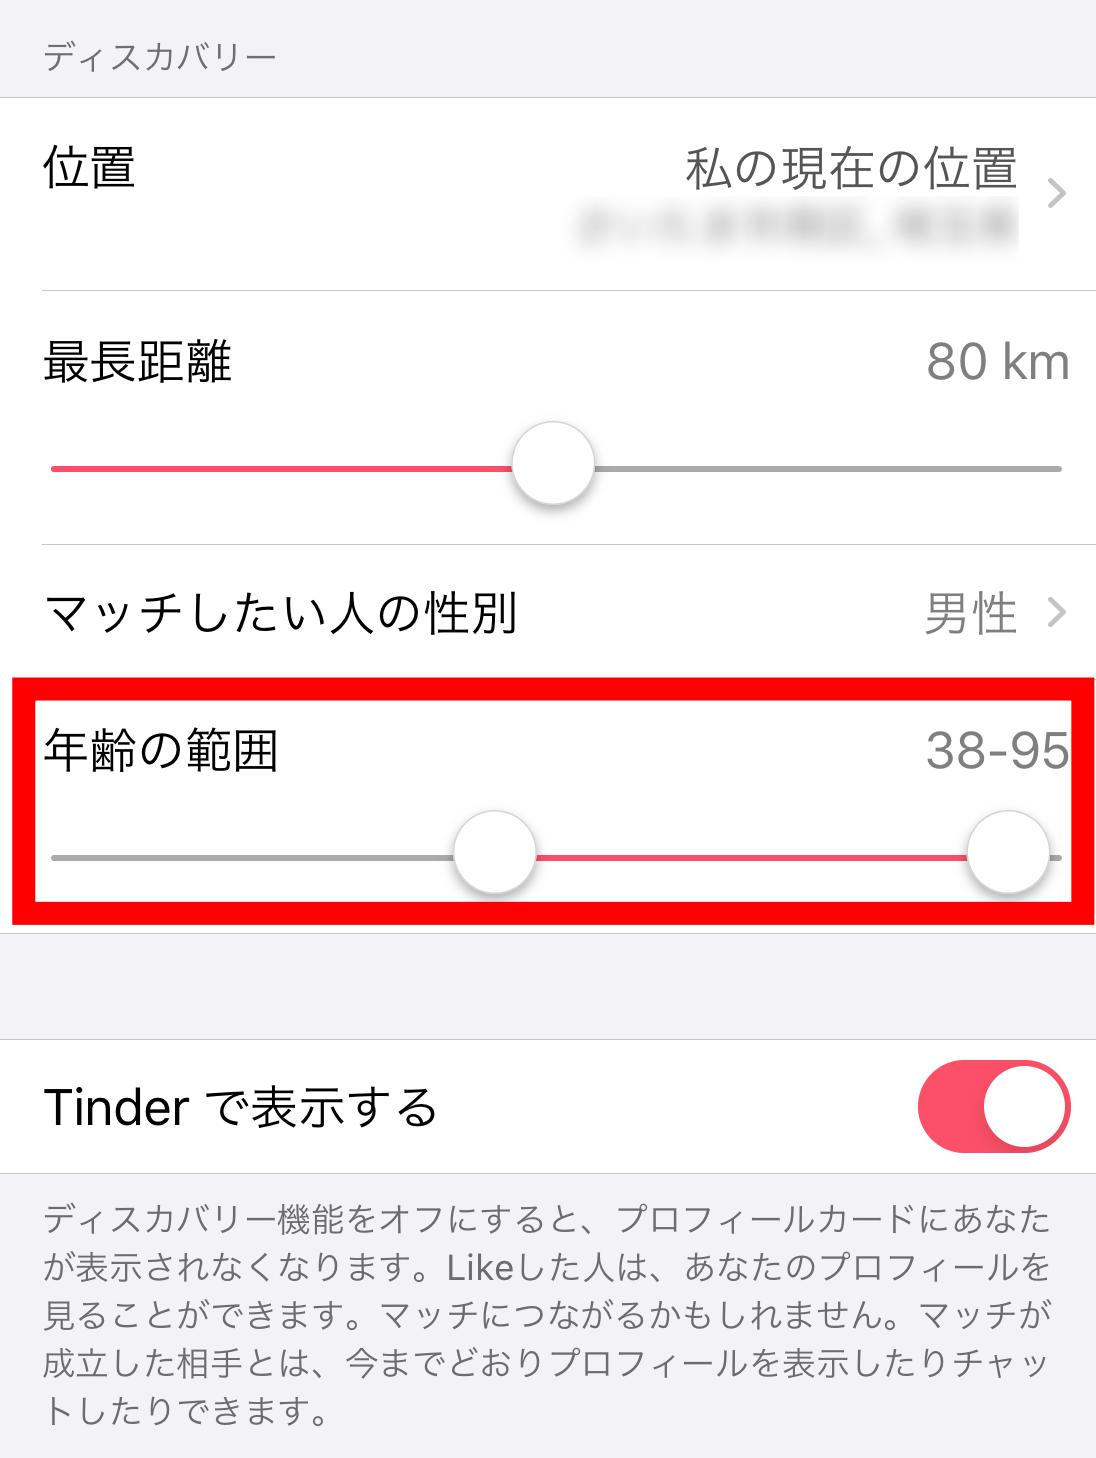 tinder(ティンダー) パパ活